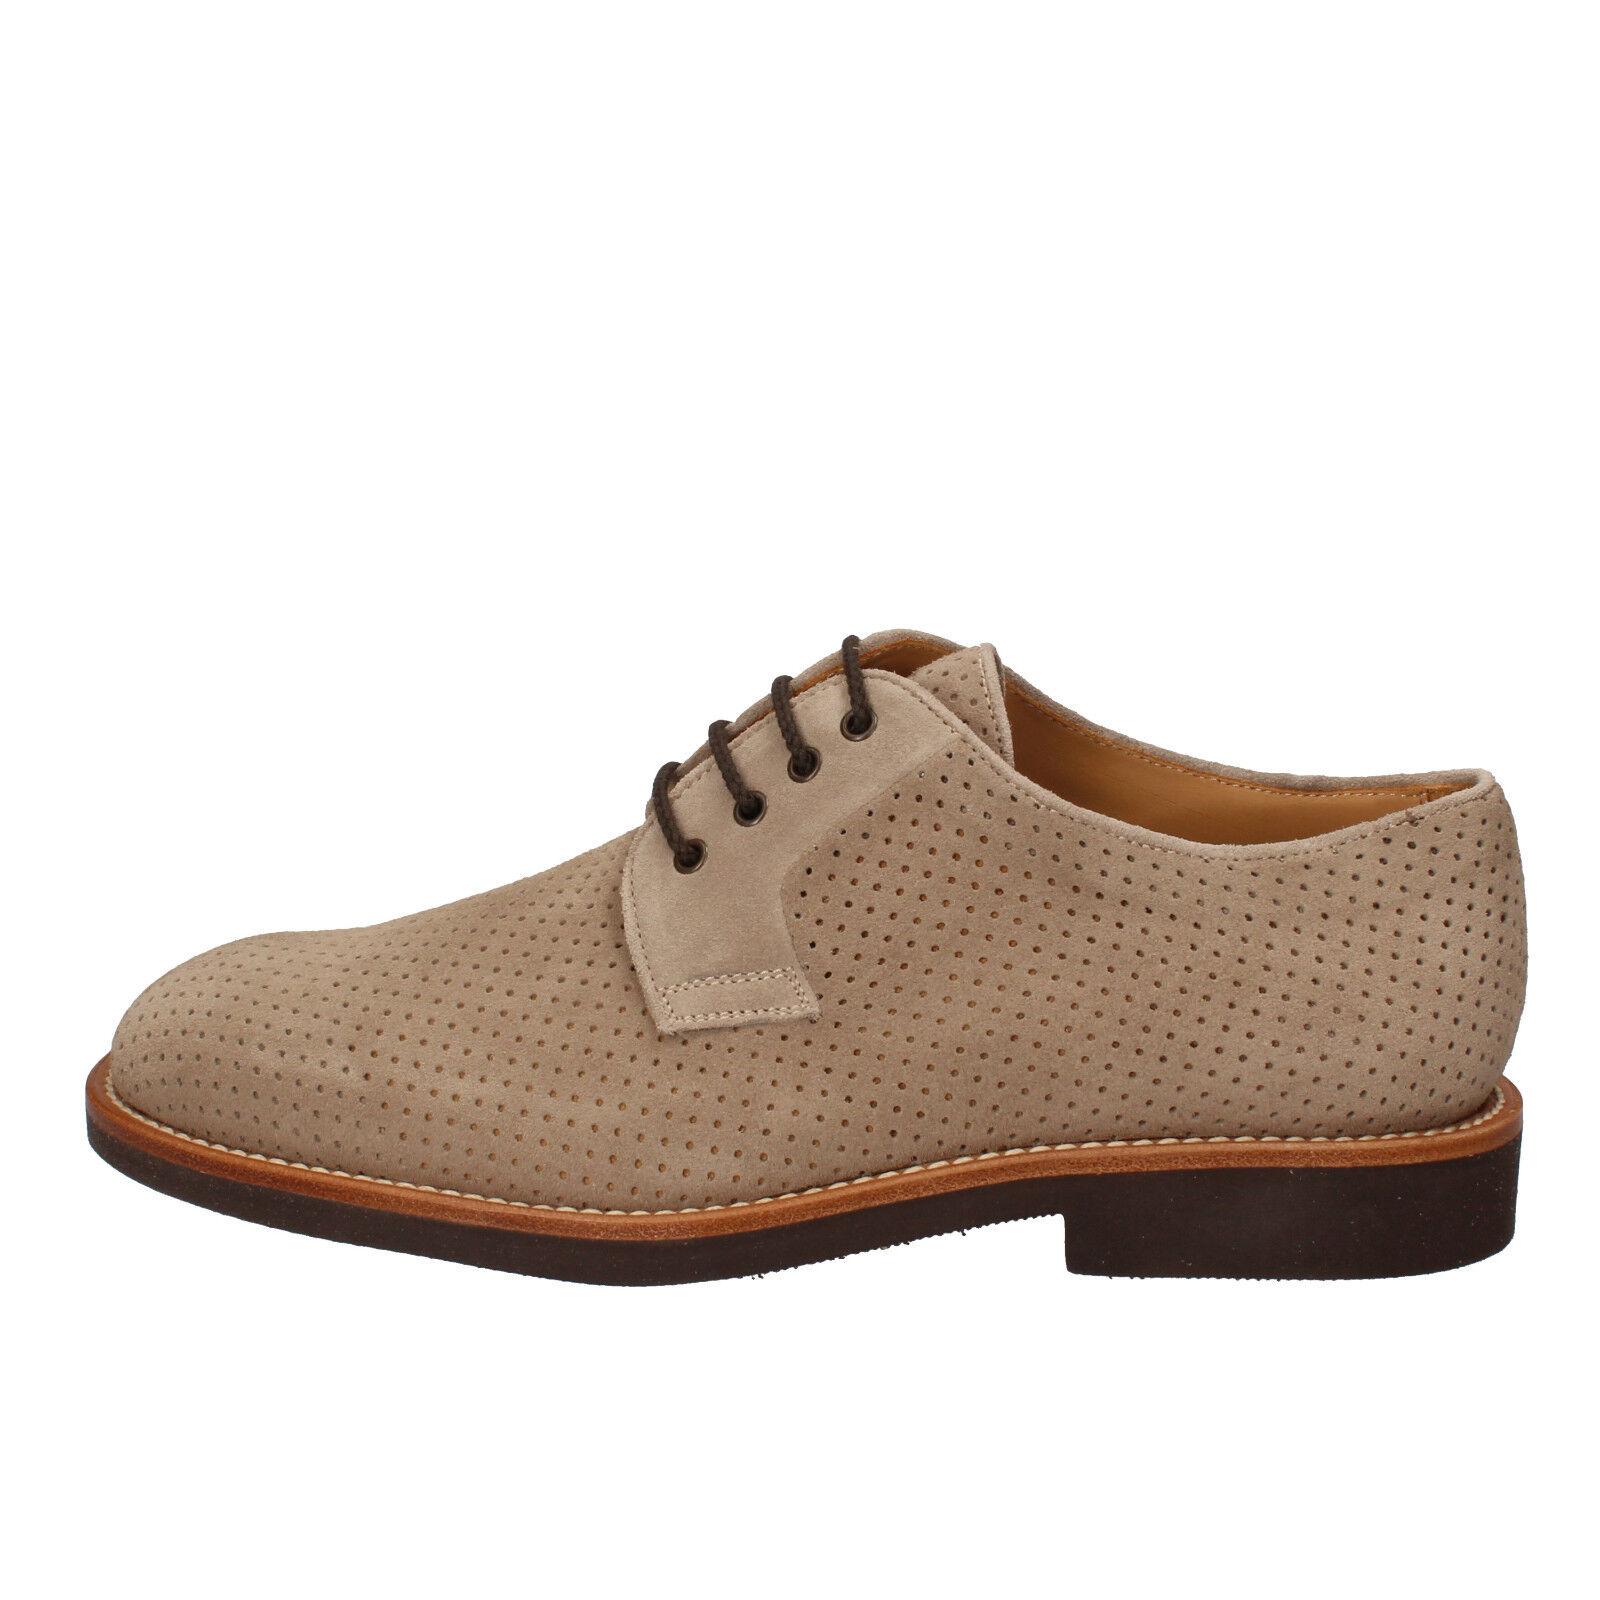 Homme Chaussures DI MELLA 6,5 (UE 40,5) élégant beige en daim AD228-C